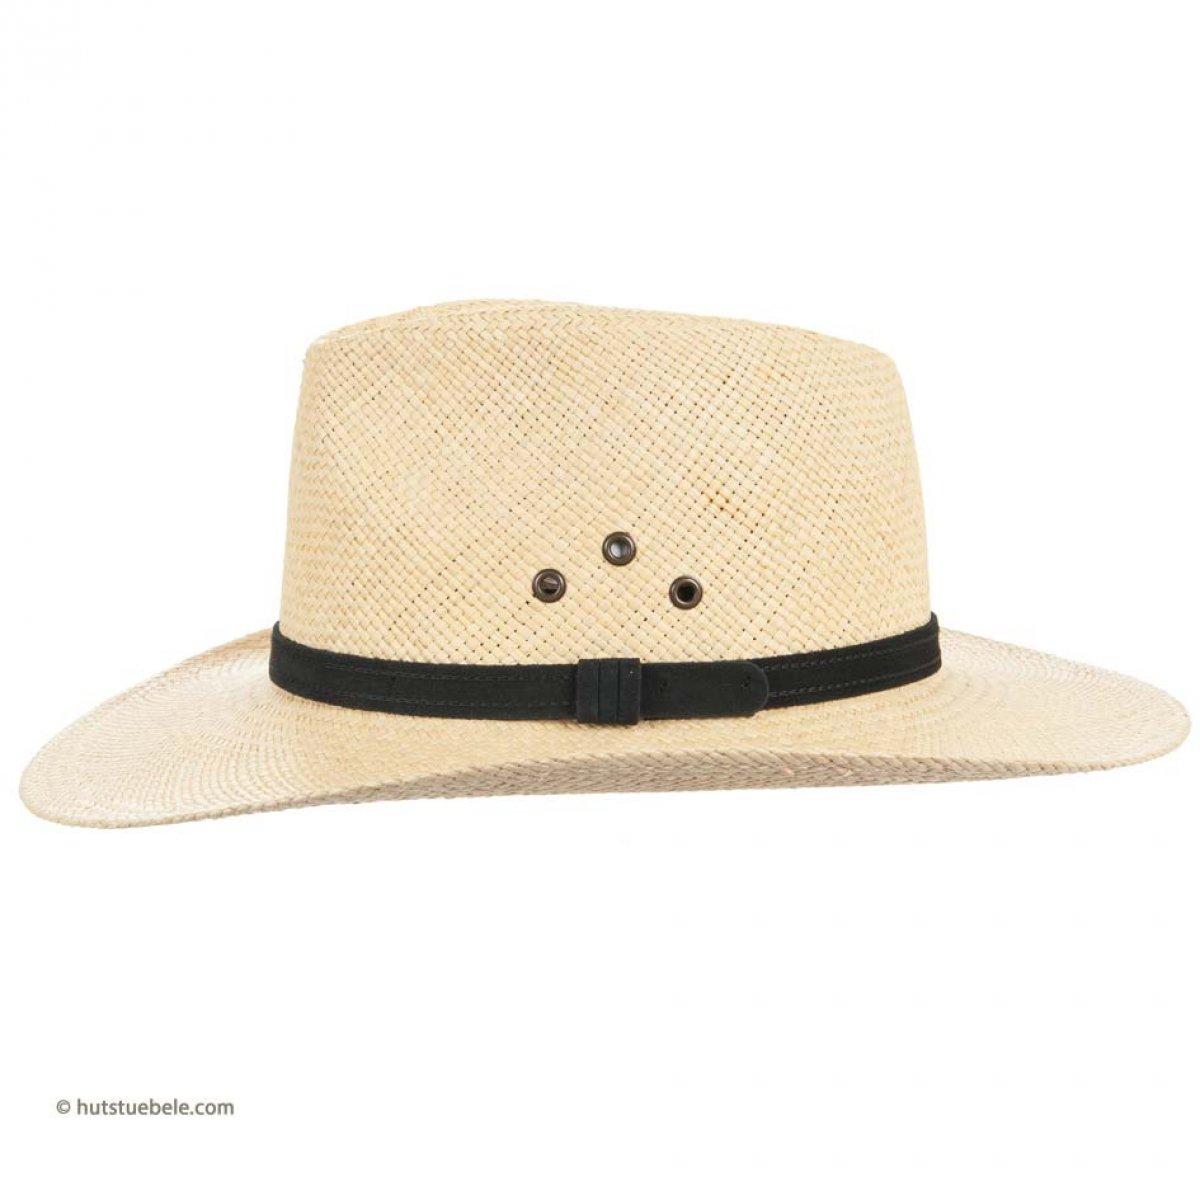 cappello da uomo con tesa larga e cinturino in pelle per il tempo ... f8e7bbb56c06